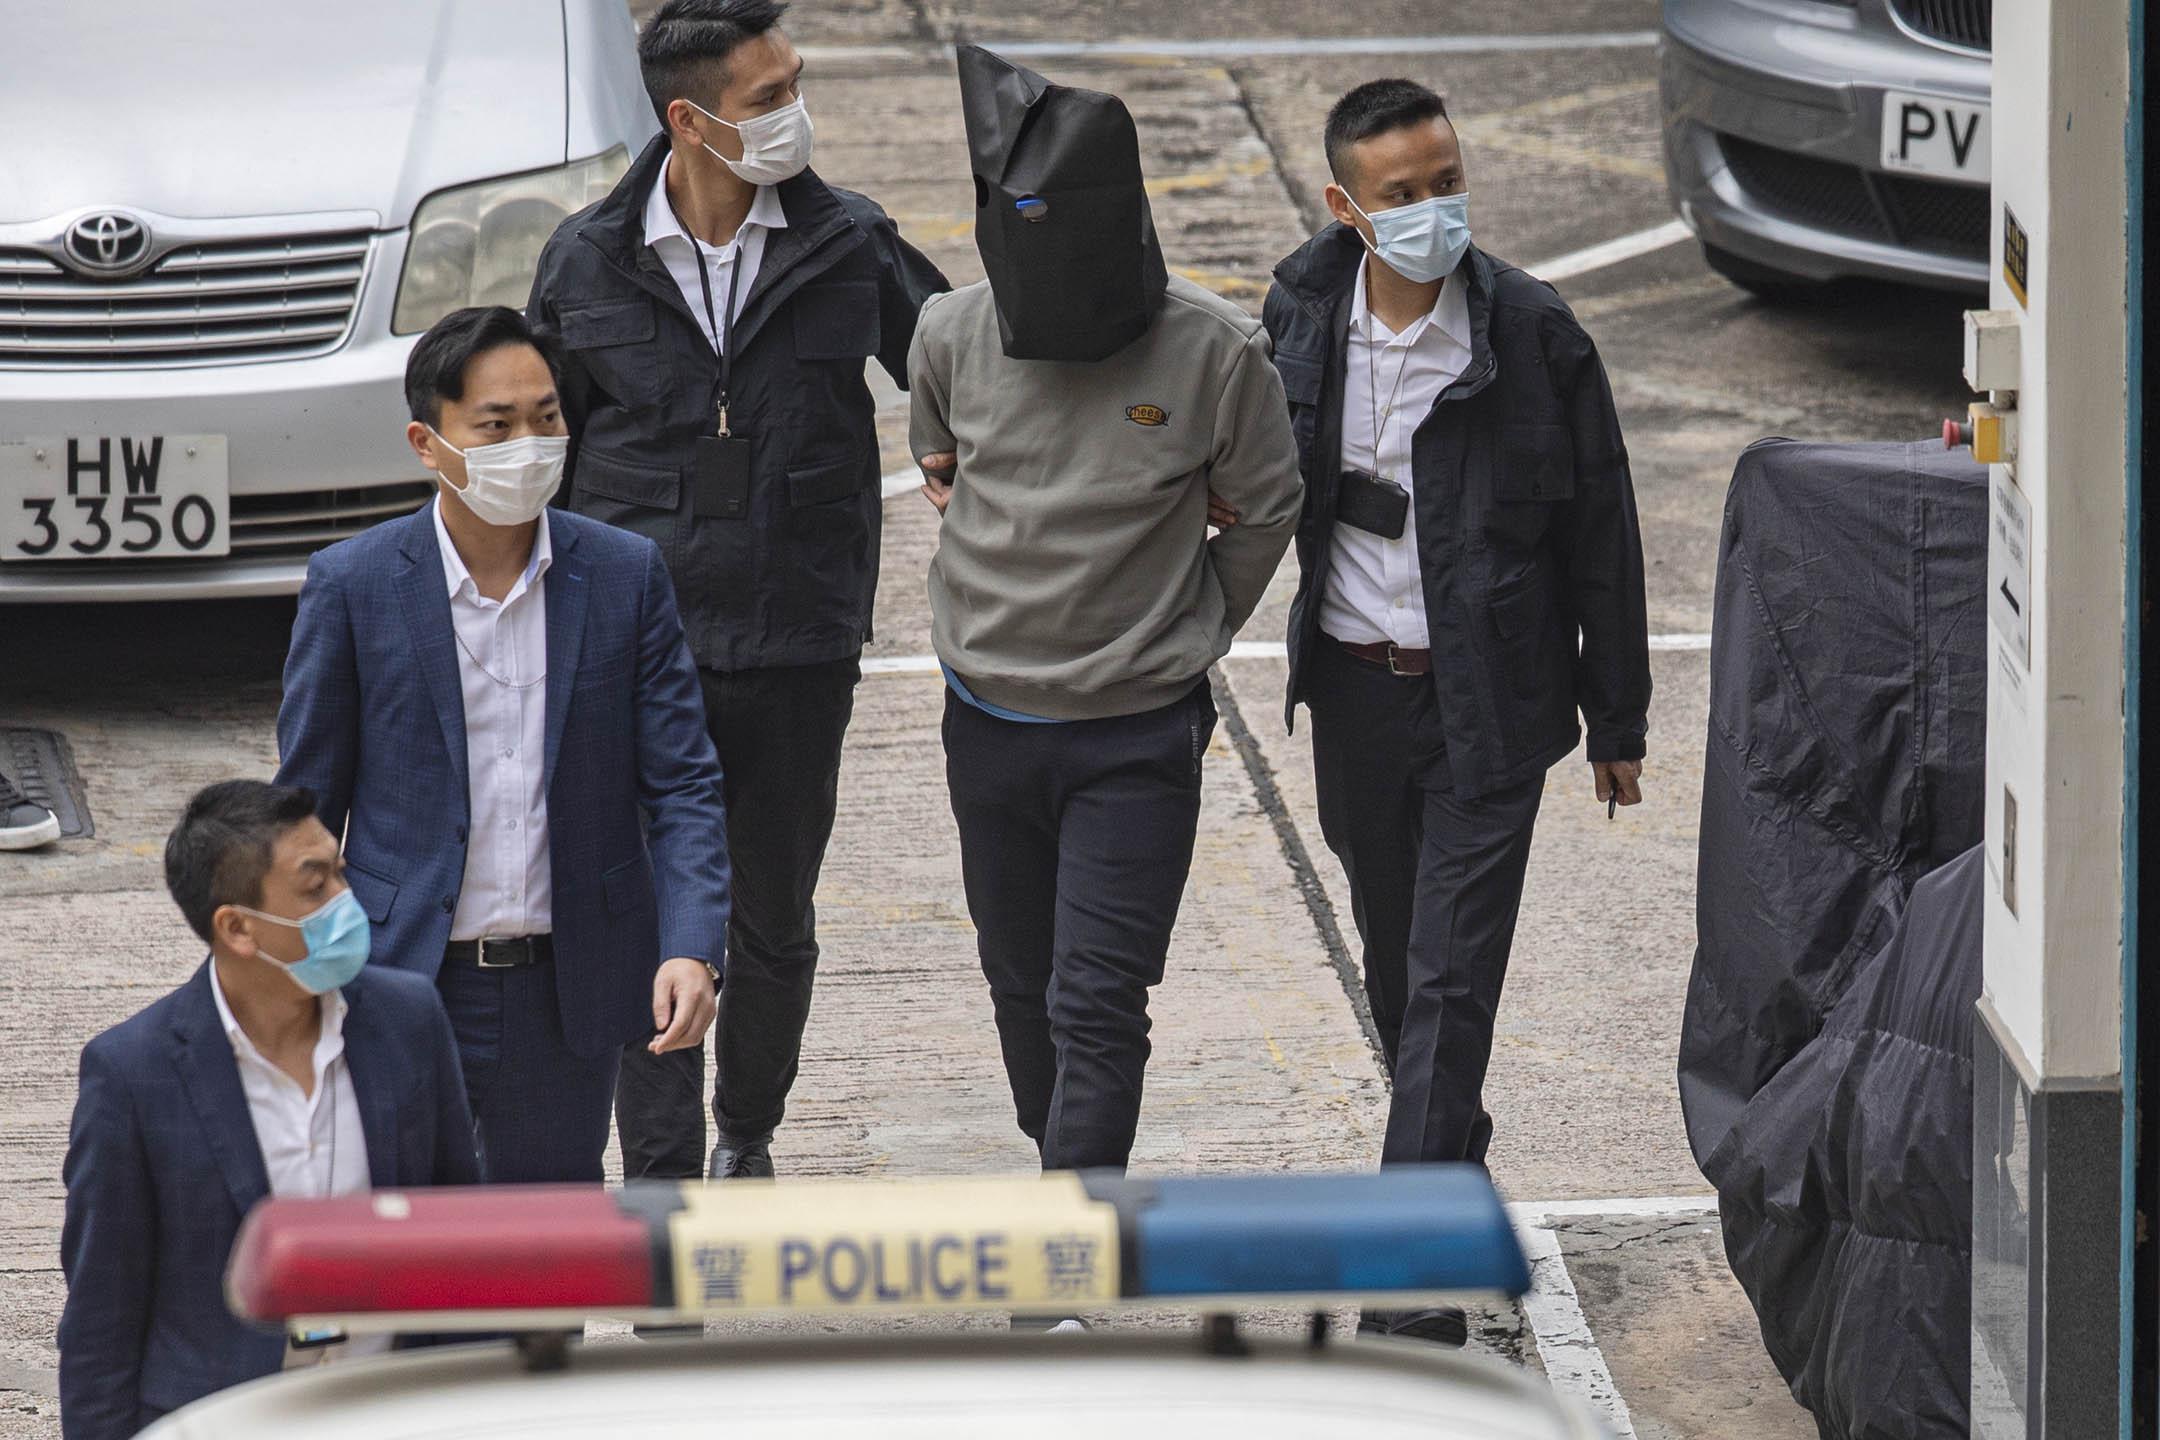 2021年3月22日,「12港人案」其中八人在中國服滿刑期,由中國當局分批經深圳灣口岸移交香港警方。 攝:陳焯煇 / 端傳媒